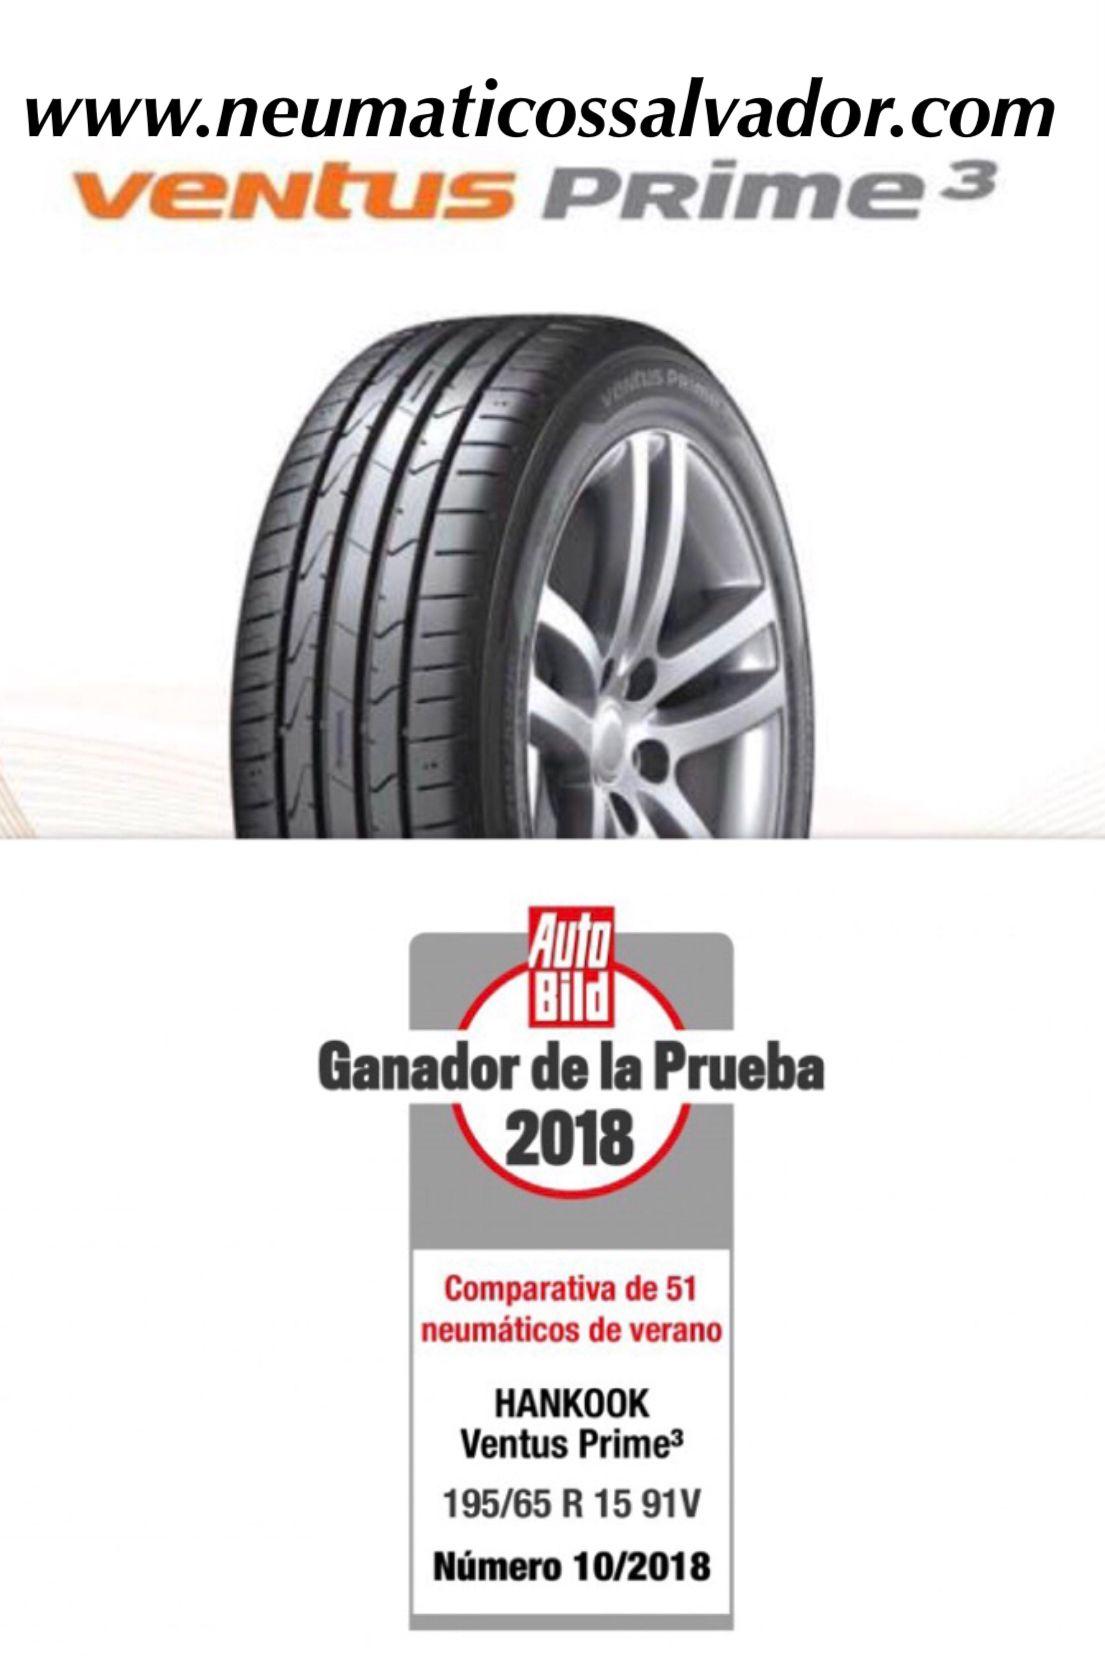 Hankook obtiene el primer puesto en la prueba de neumáticos de verano 2018 de Auto Bild